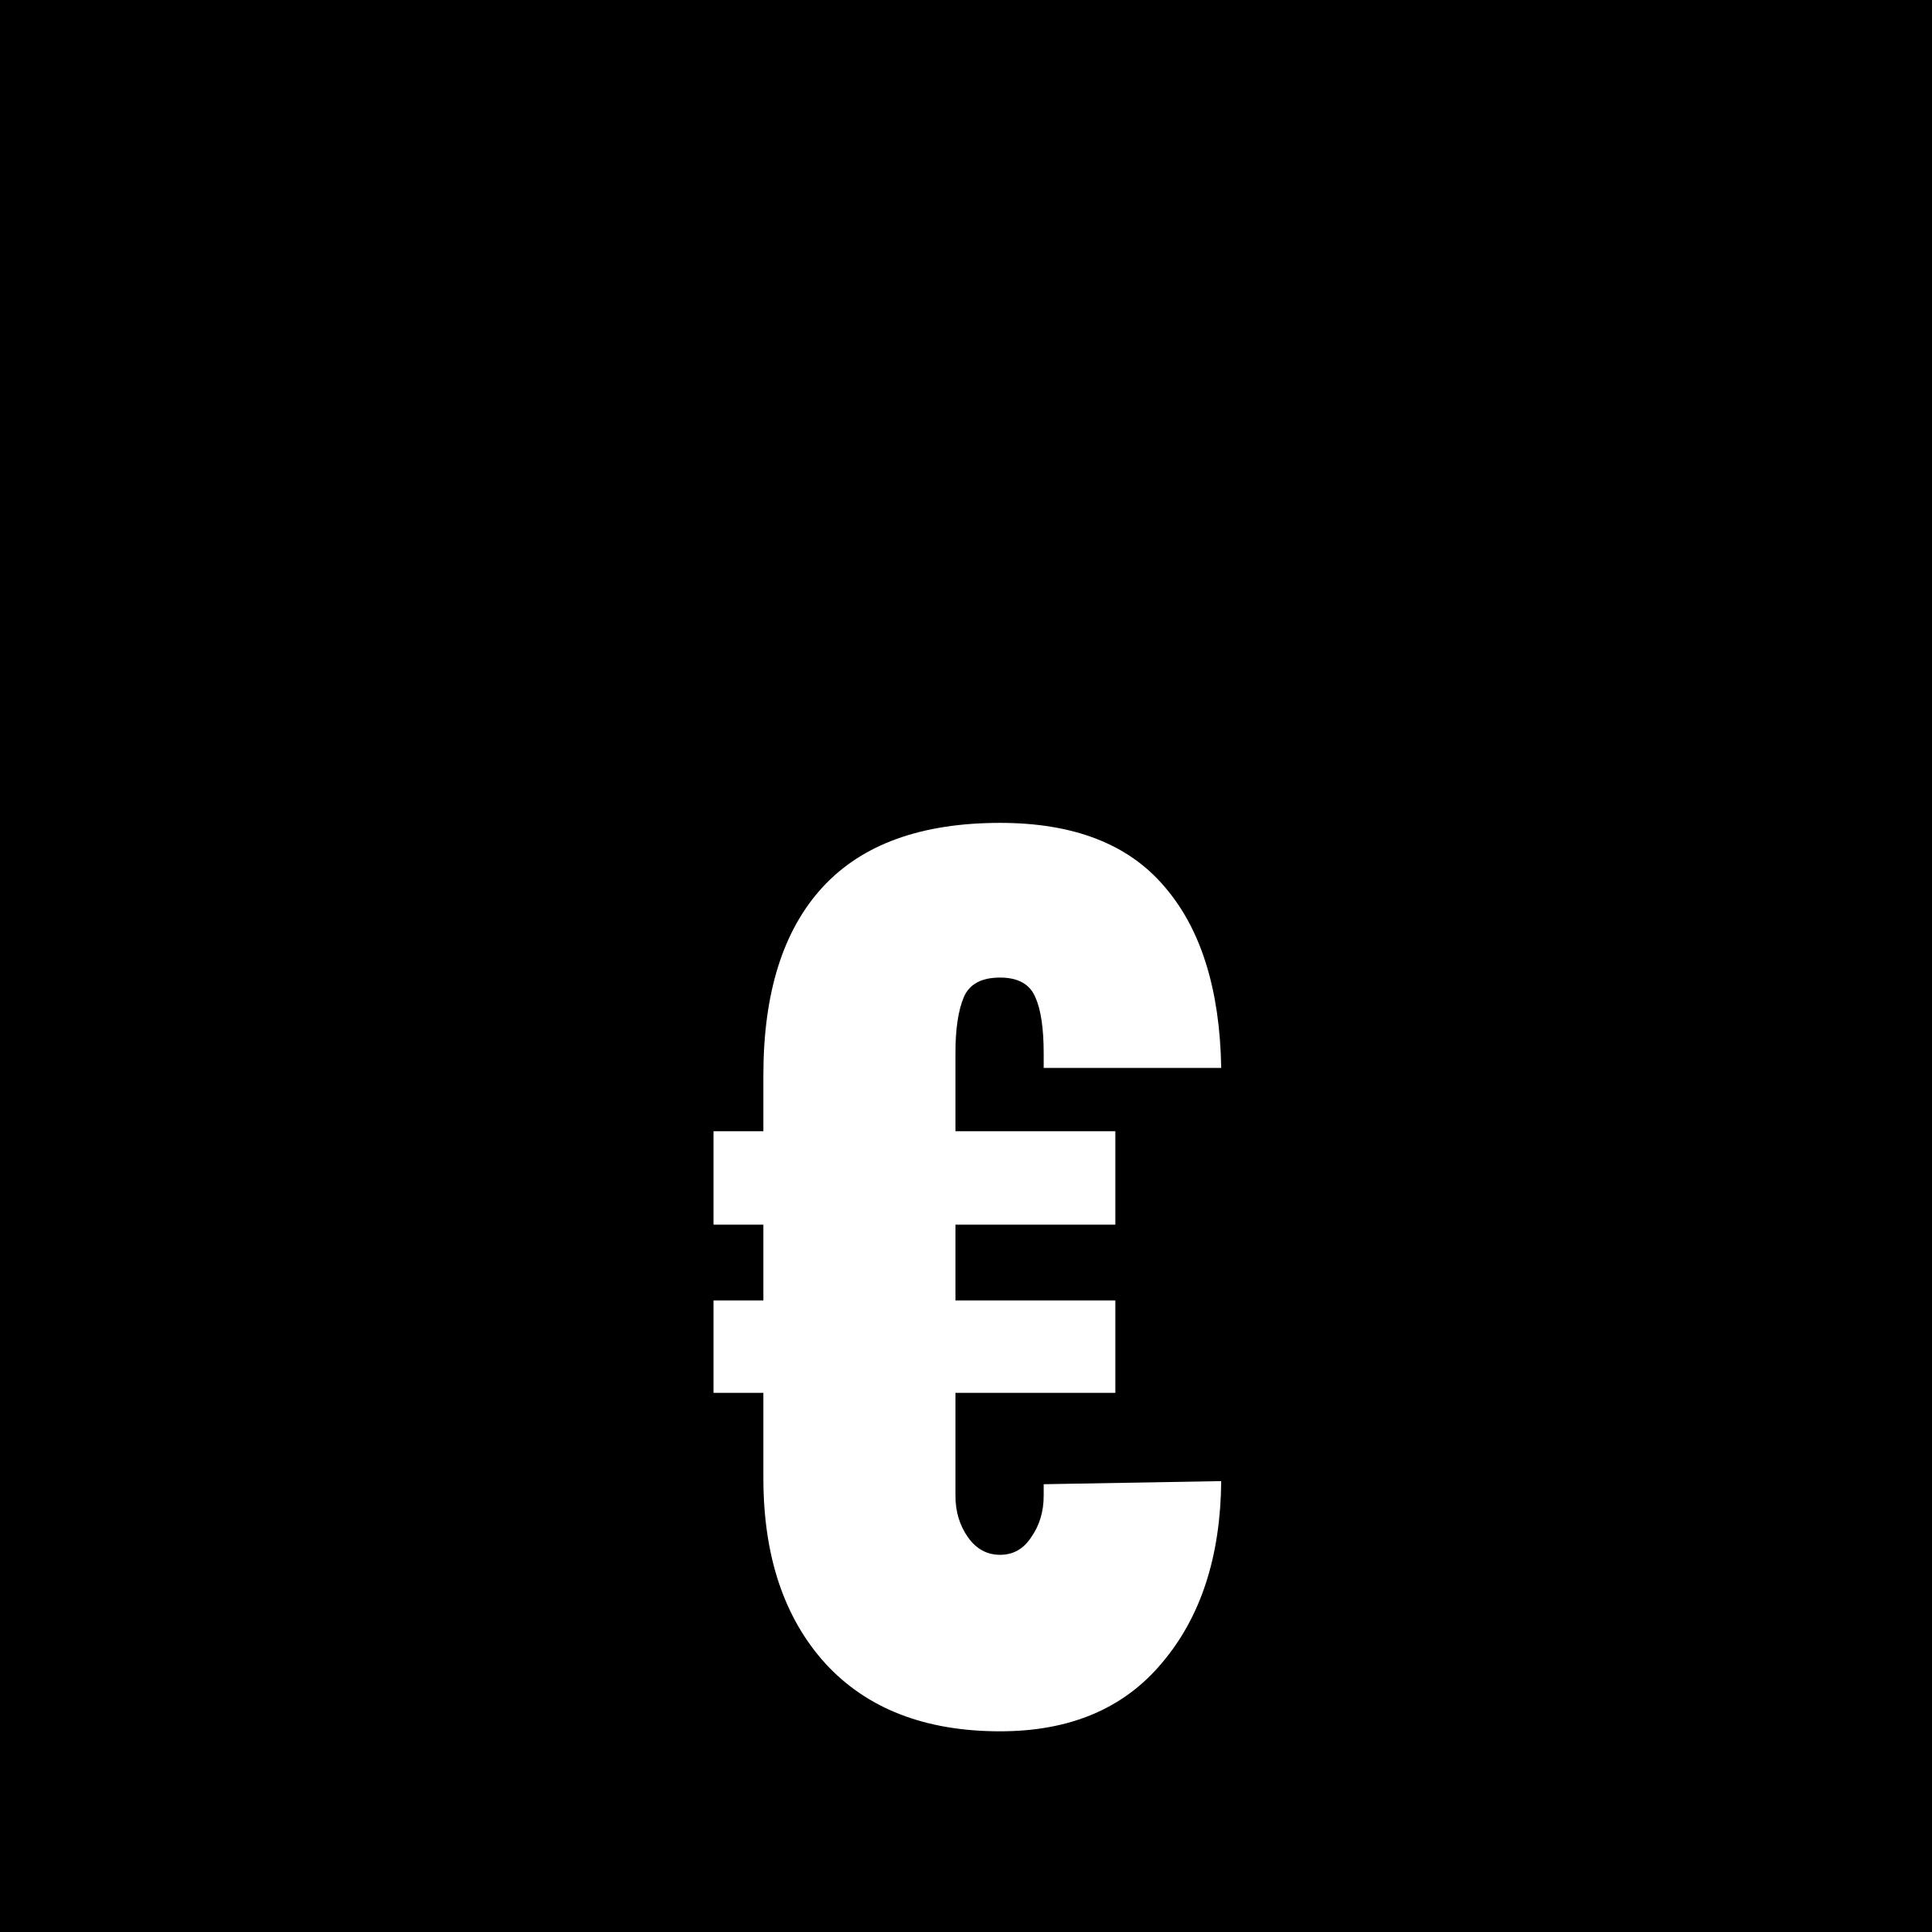 Money clipart bag transparent stock Clipart - euro money bag transparent stock